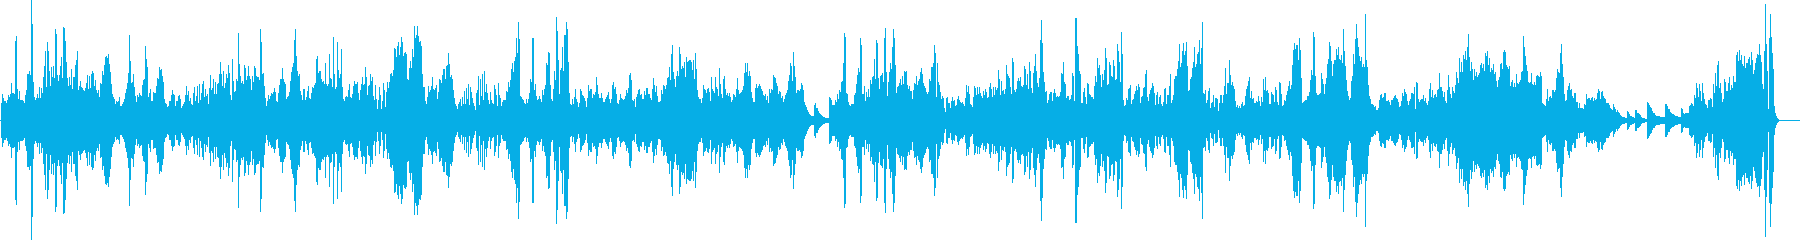 ベートーヴェン 月光 第三楽章 ピアノの再生済みの波形